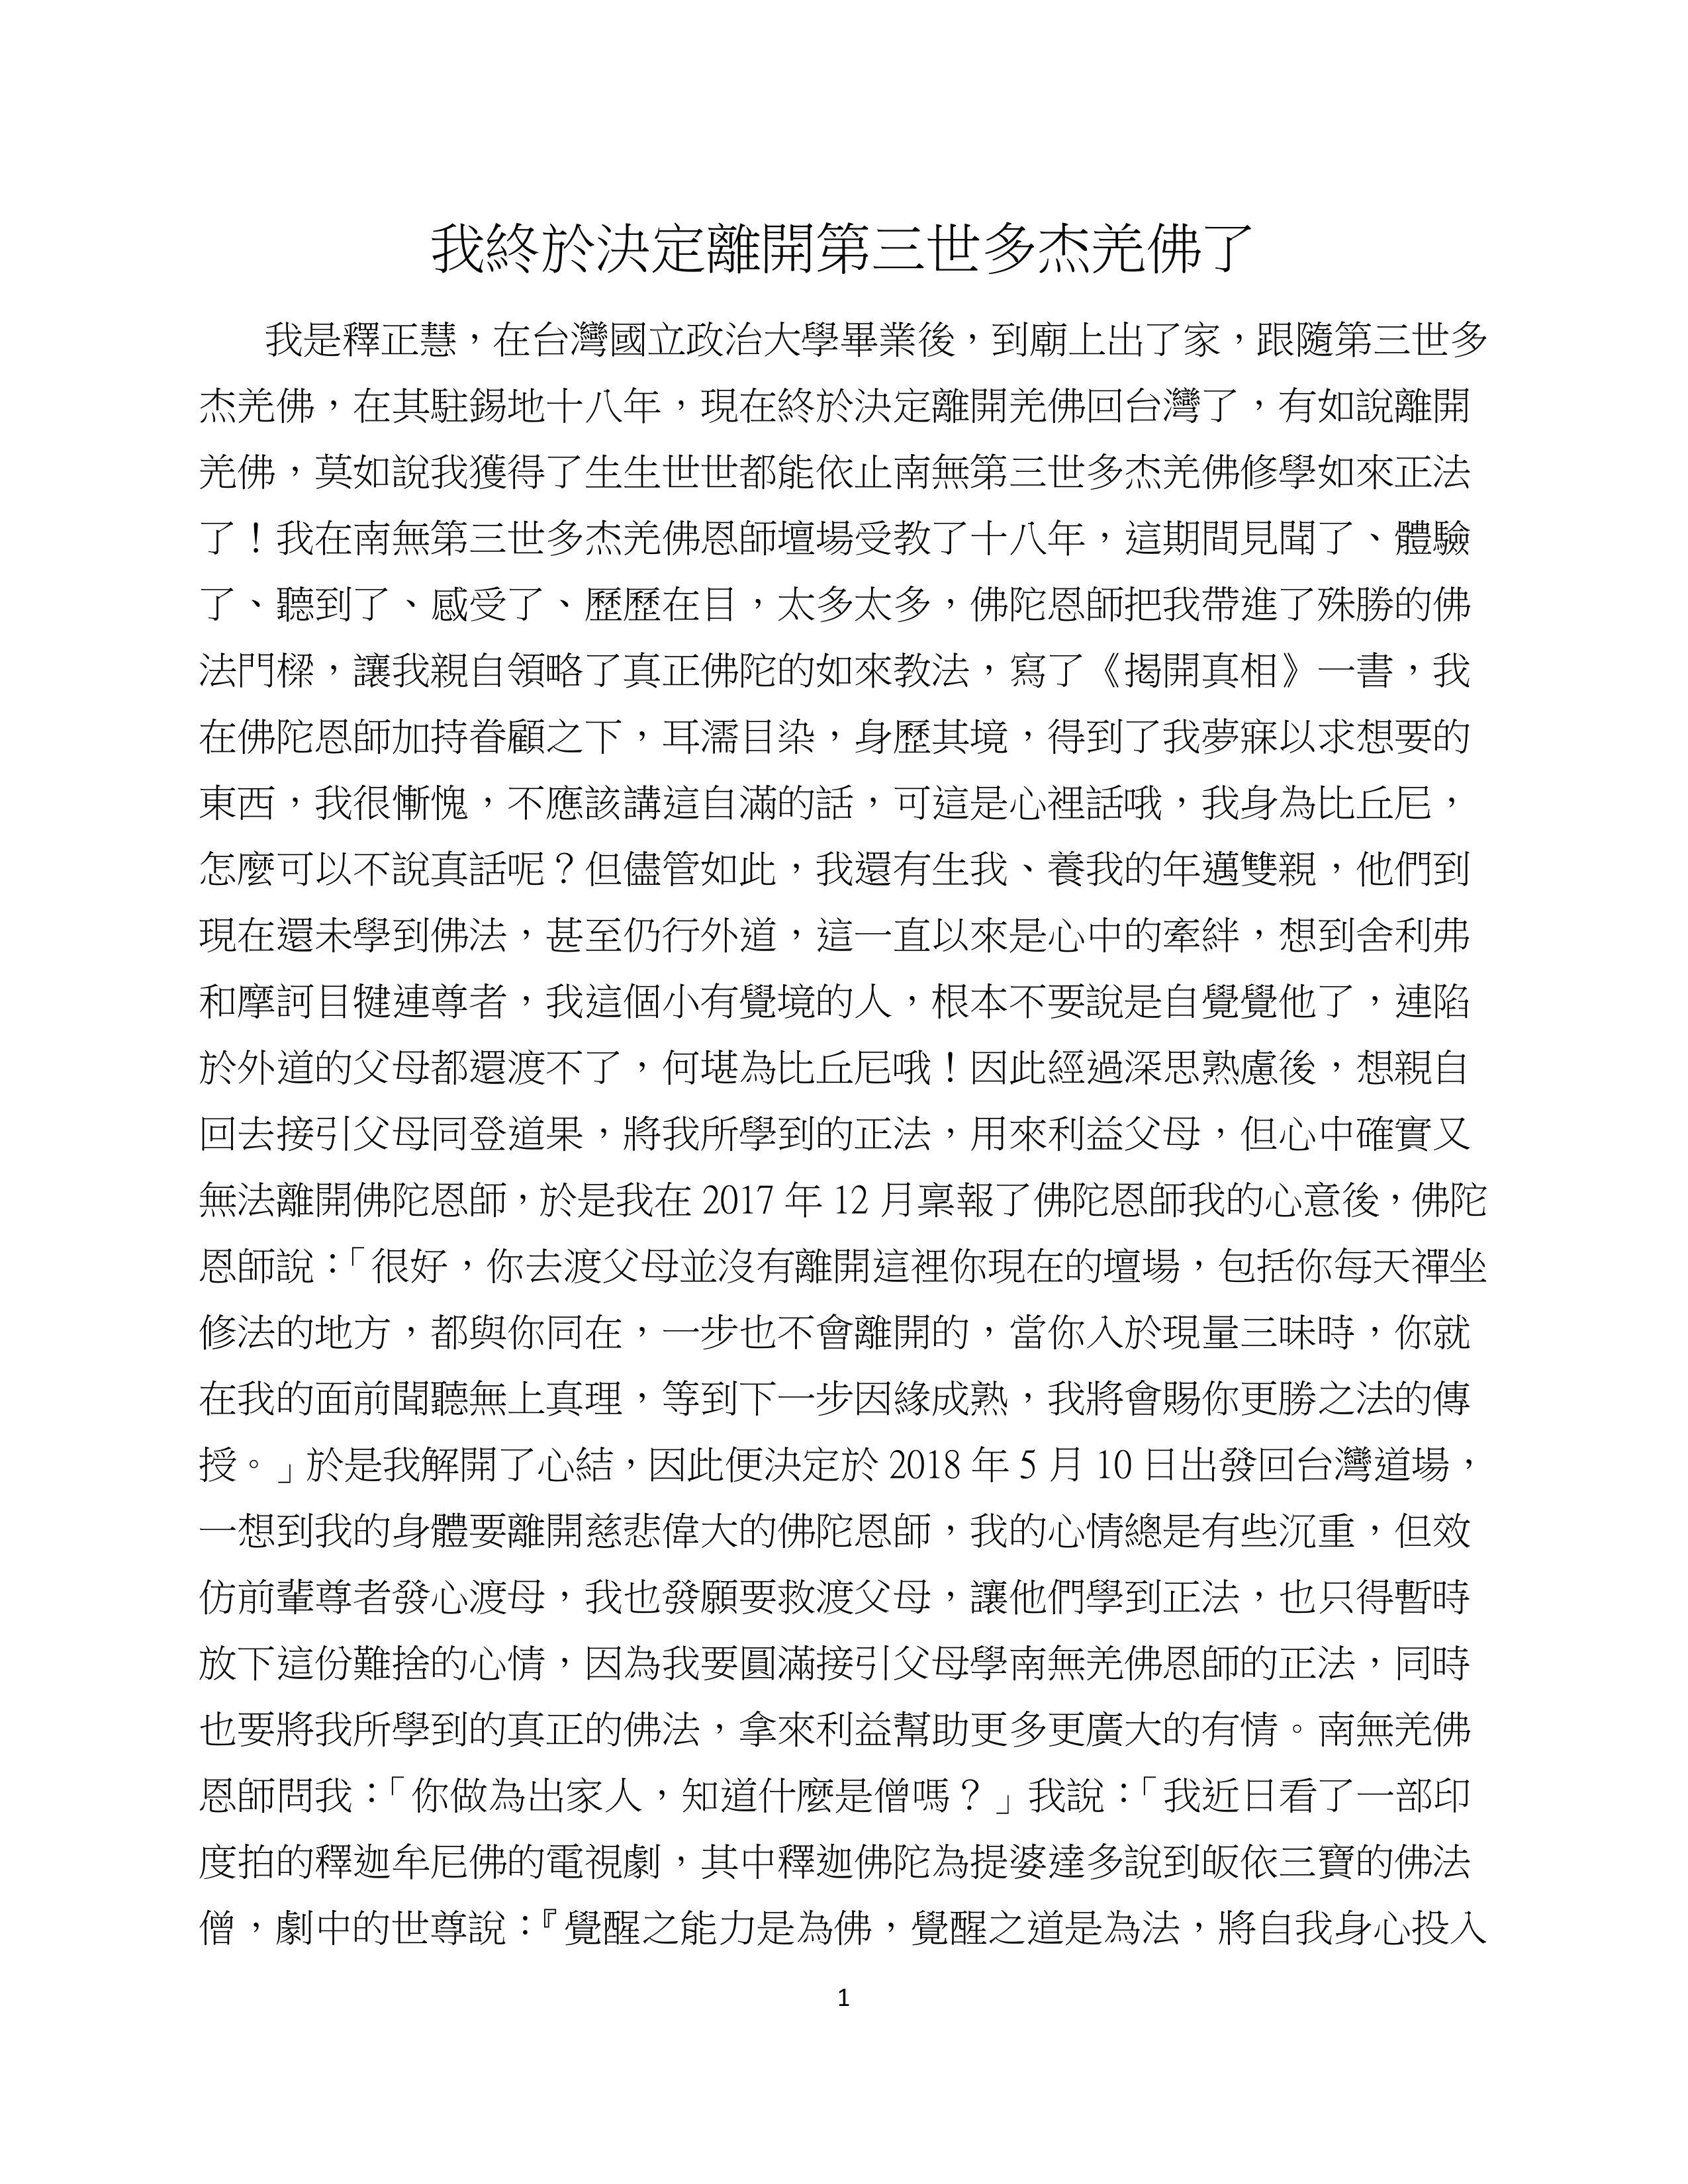 轉發: 敬請國際佛教僧尼總會幫我釋正慧轉發這篇文: 我終於決定離開第三世多杰羌佛了